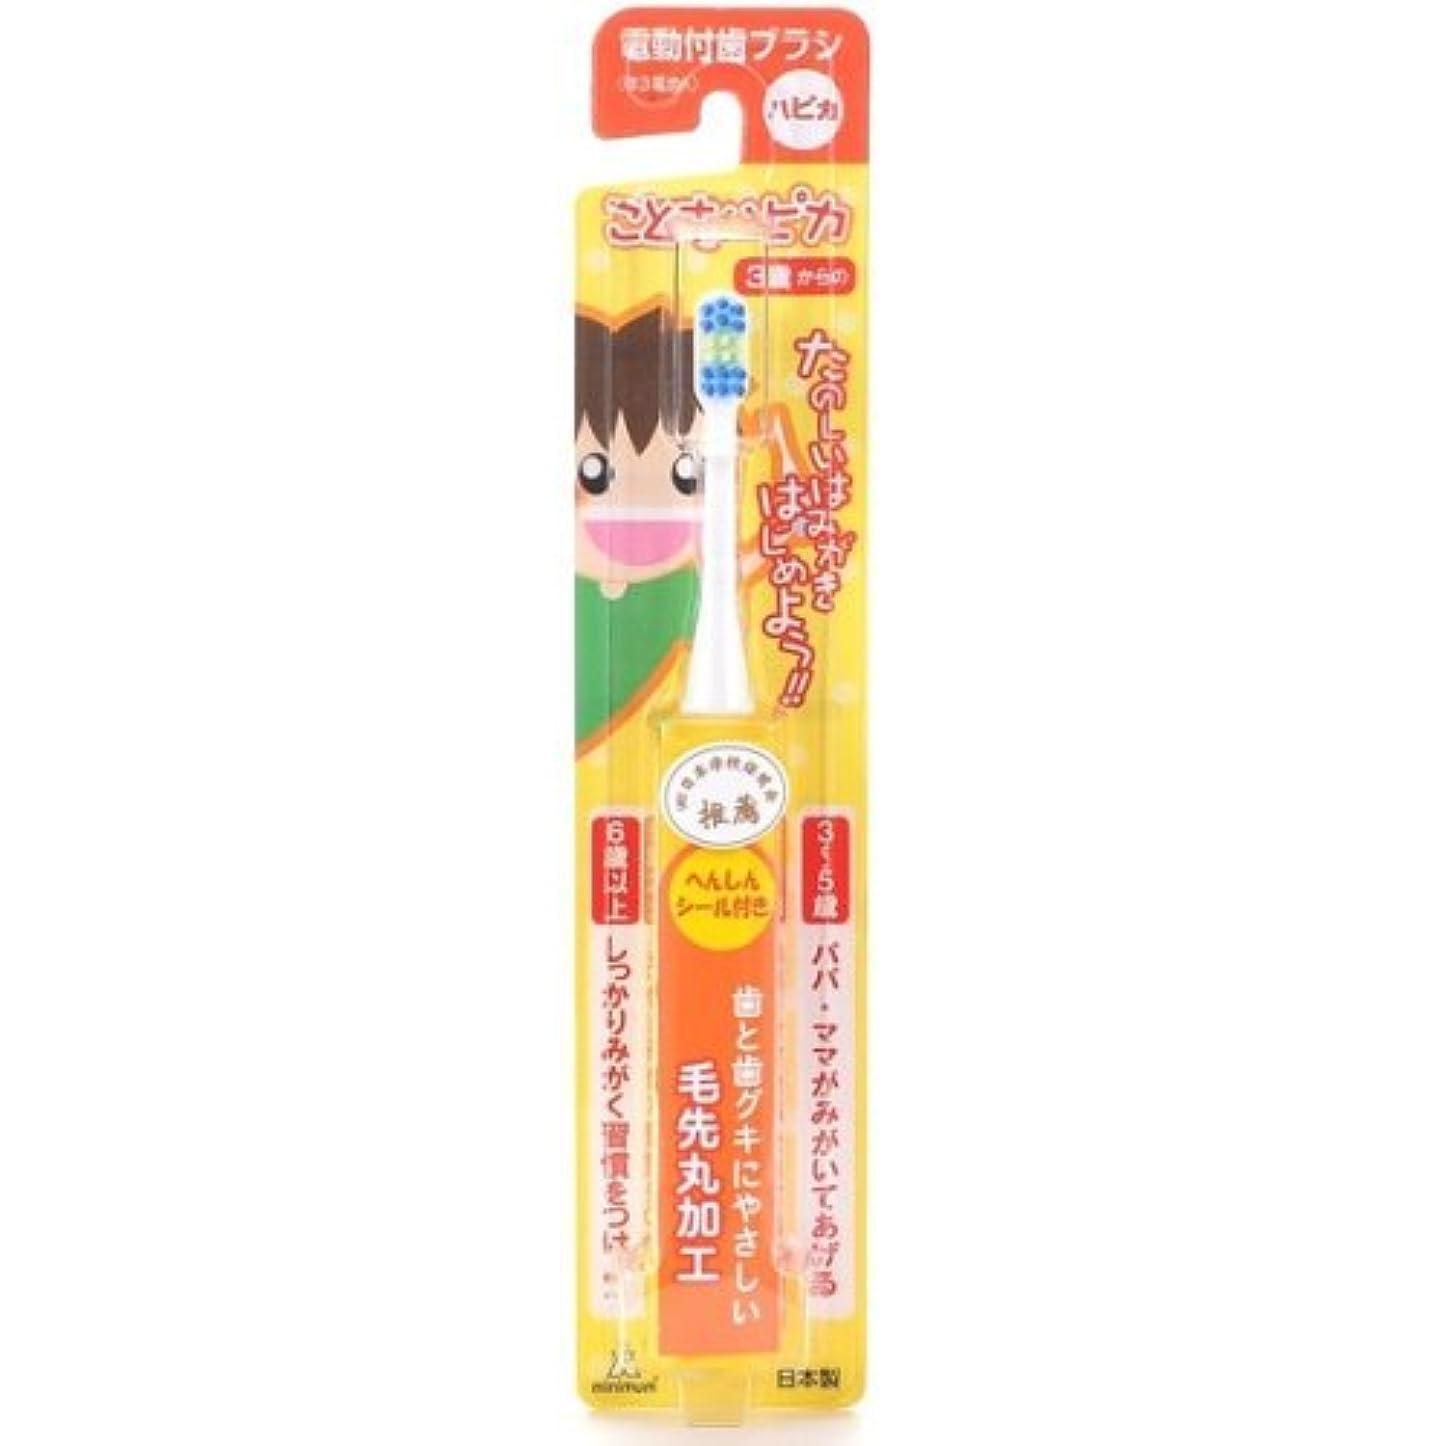 続けるレンディションパステルミニマム 電動付歯ブラシ こどもハピカ イエロー 毛の硬さ:やわらかめ DBK-1Y(BP)